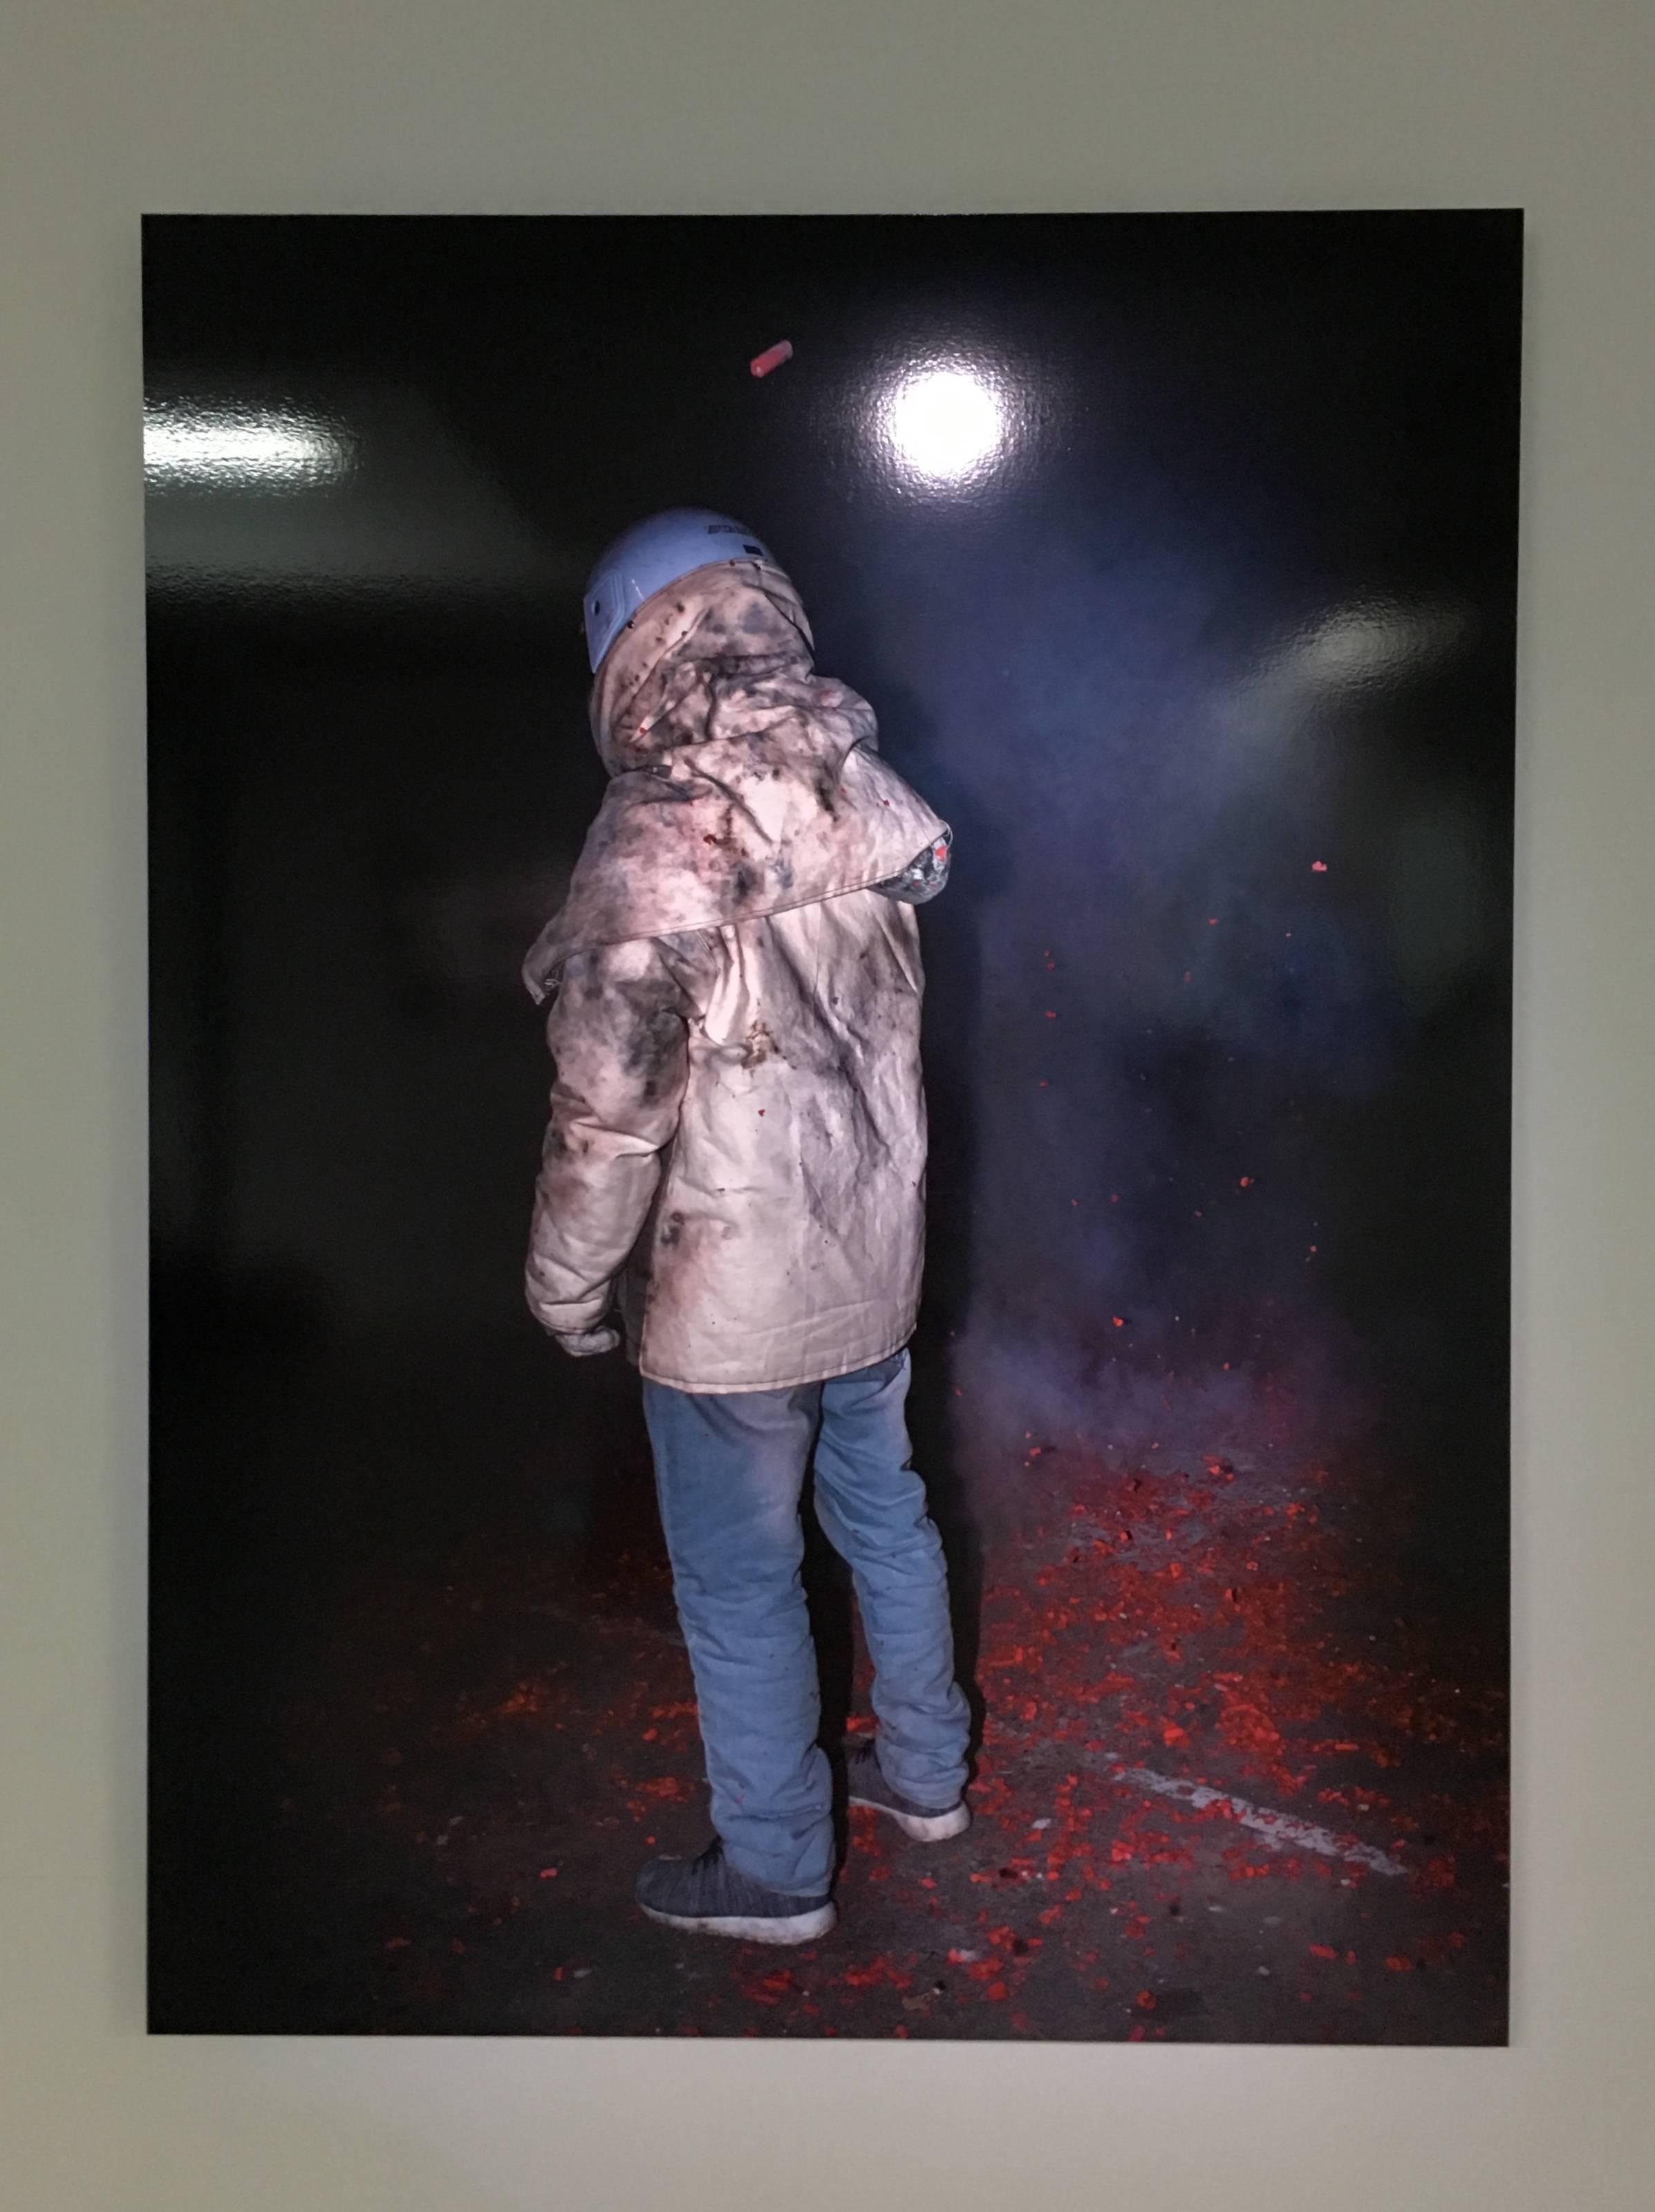 陳伯義,《食砲人 - X》,75 x 100 cm,雷射輸出彩色銀鹽相紙,1/8,2018。